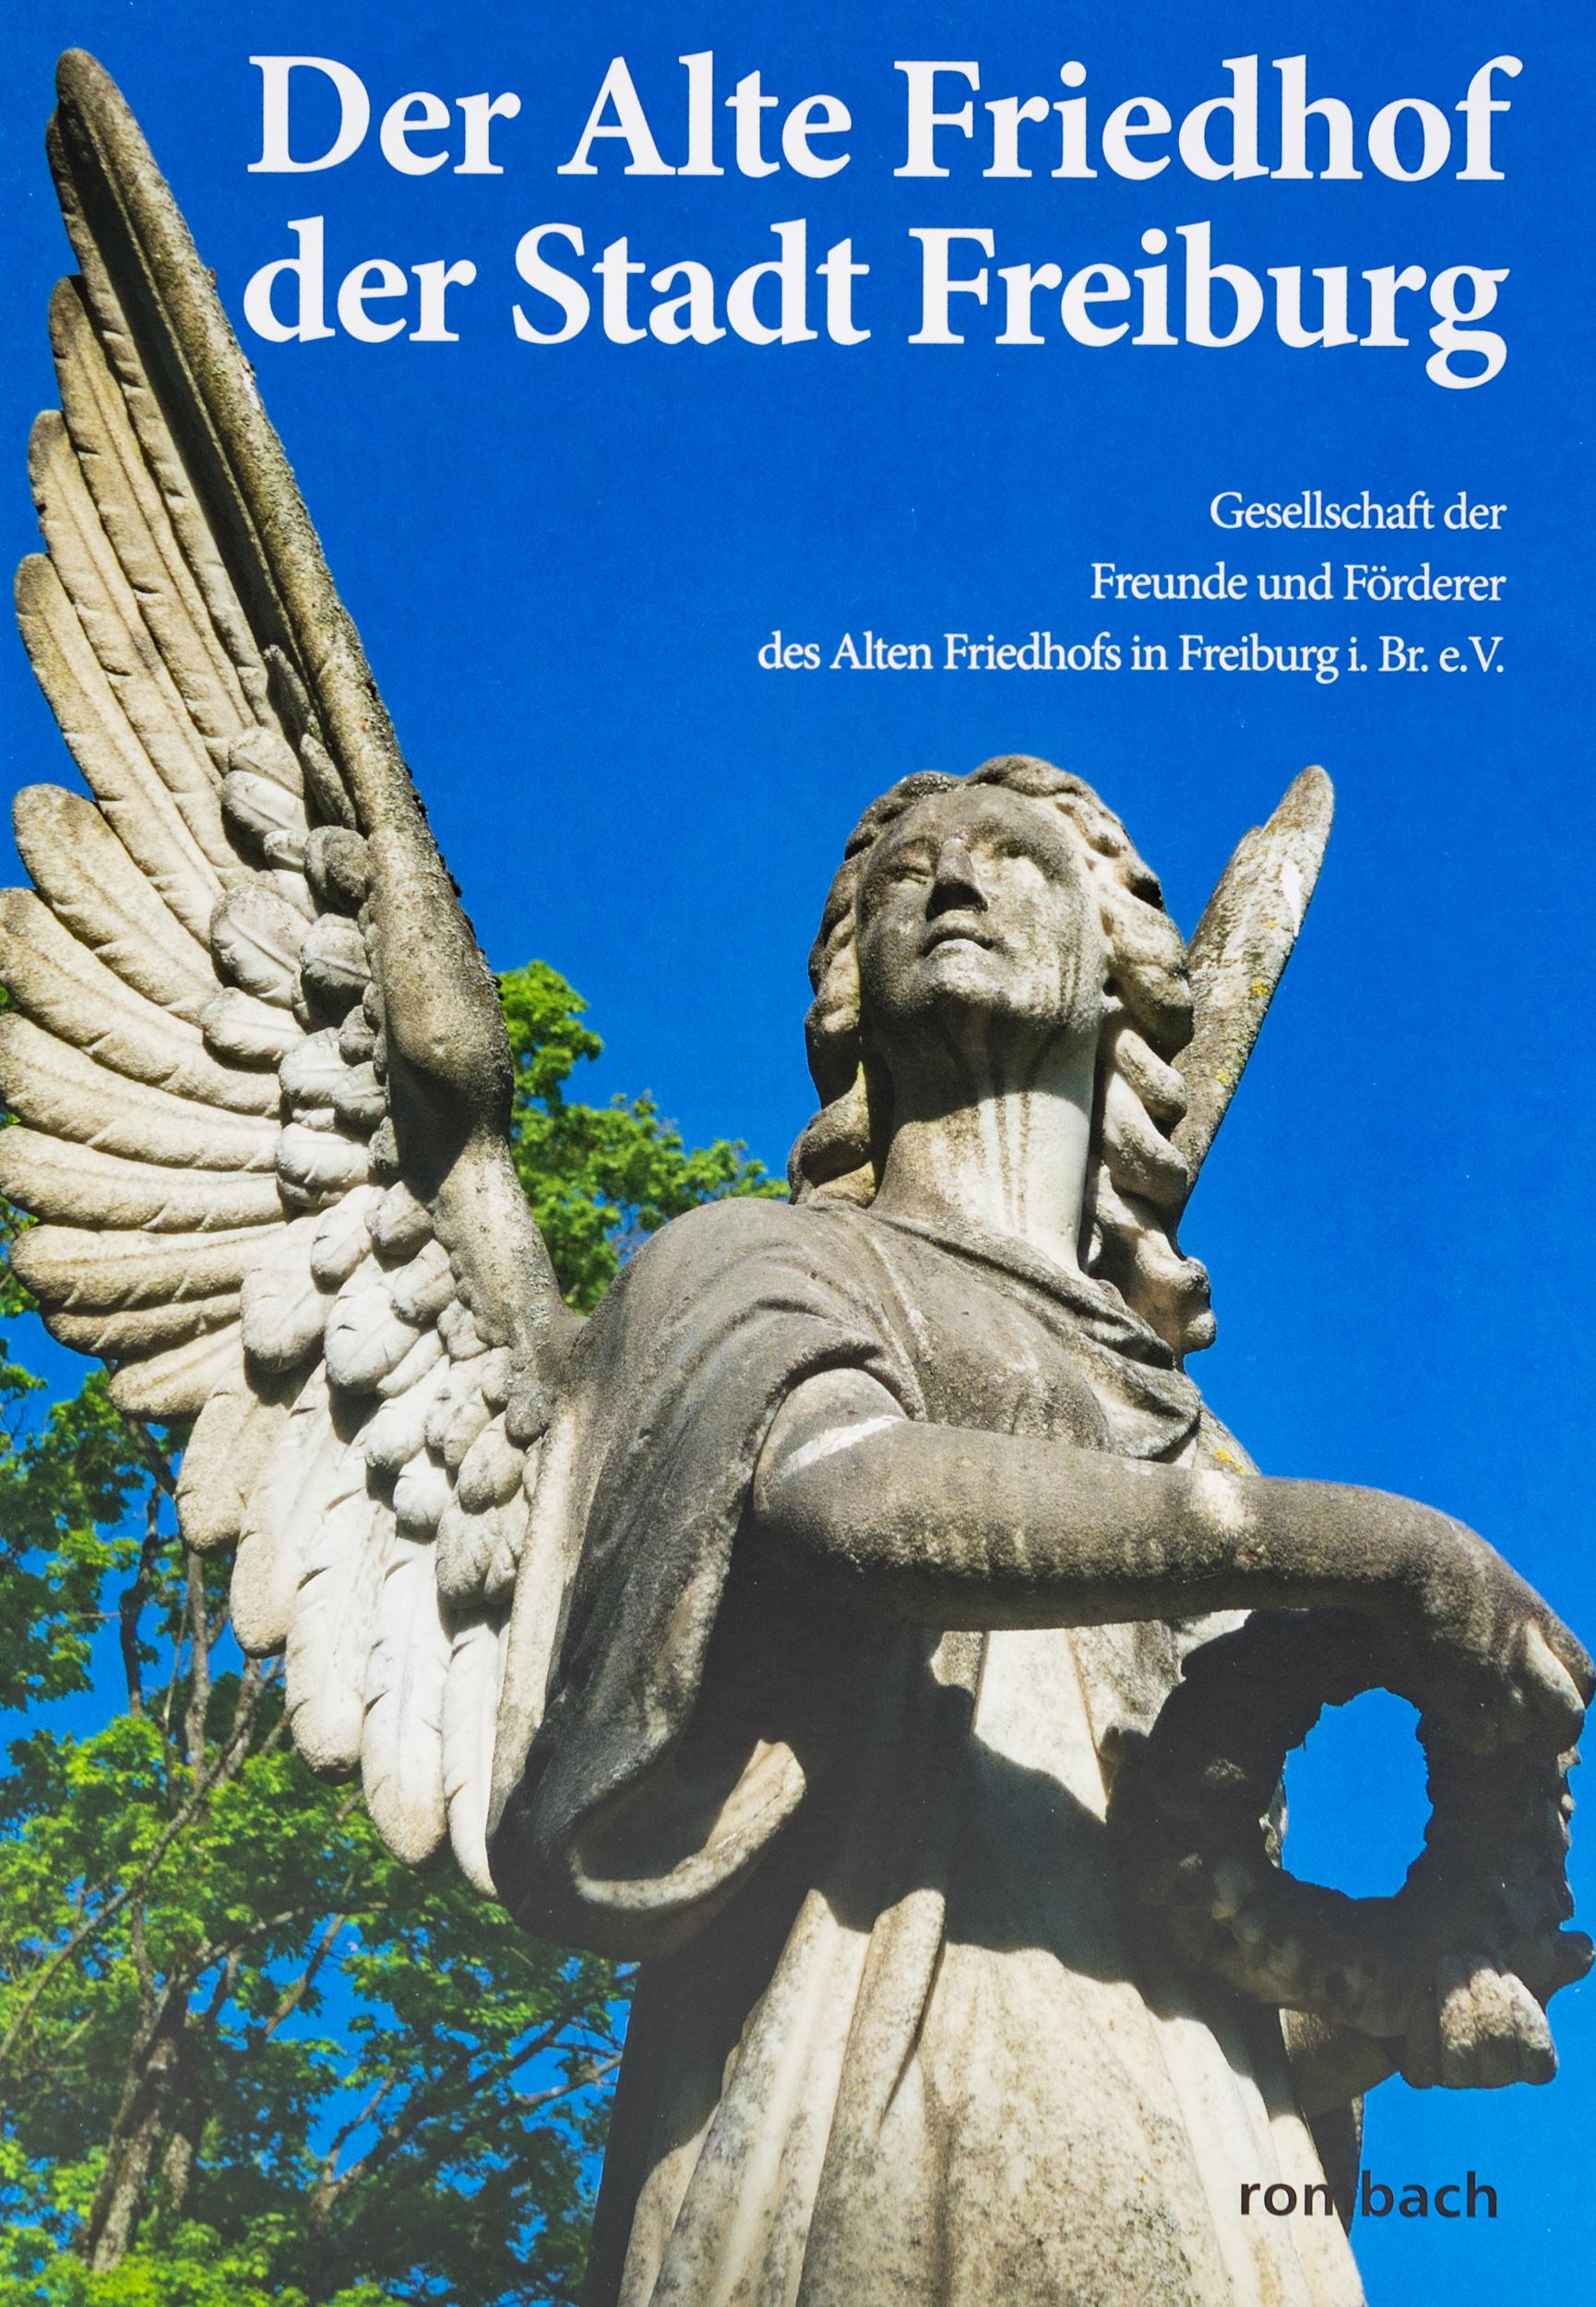 Münsterladen Freiburg Buch Der Alte Friedhof der Stadt Freiburg